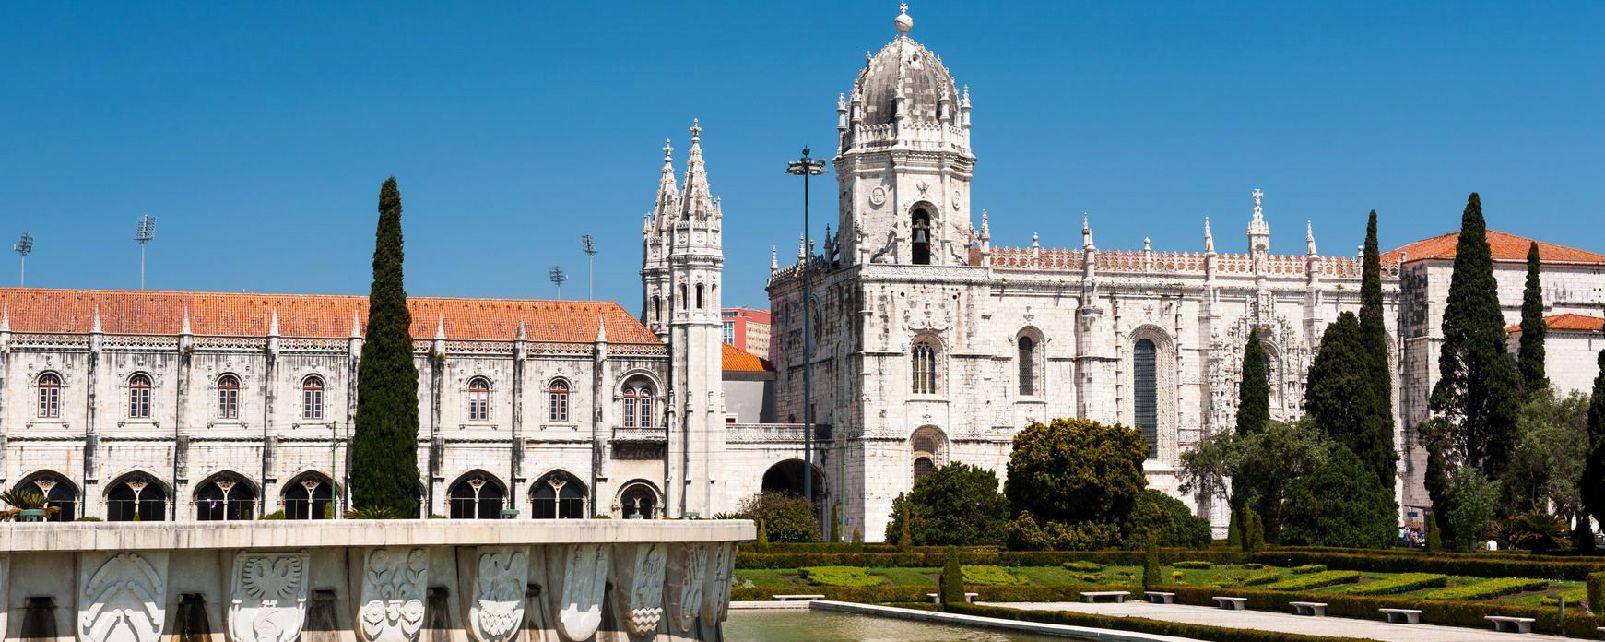 Monastère des Hiéronymites , Un édifice majestueux et imposant , Portugal